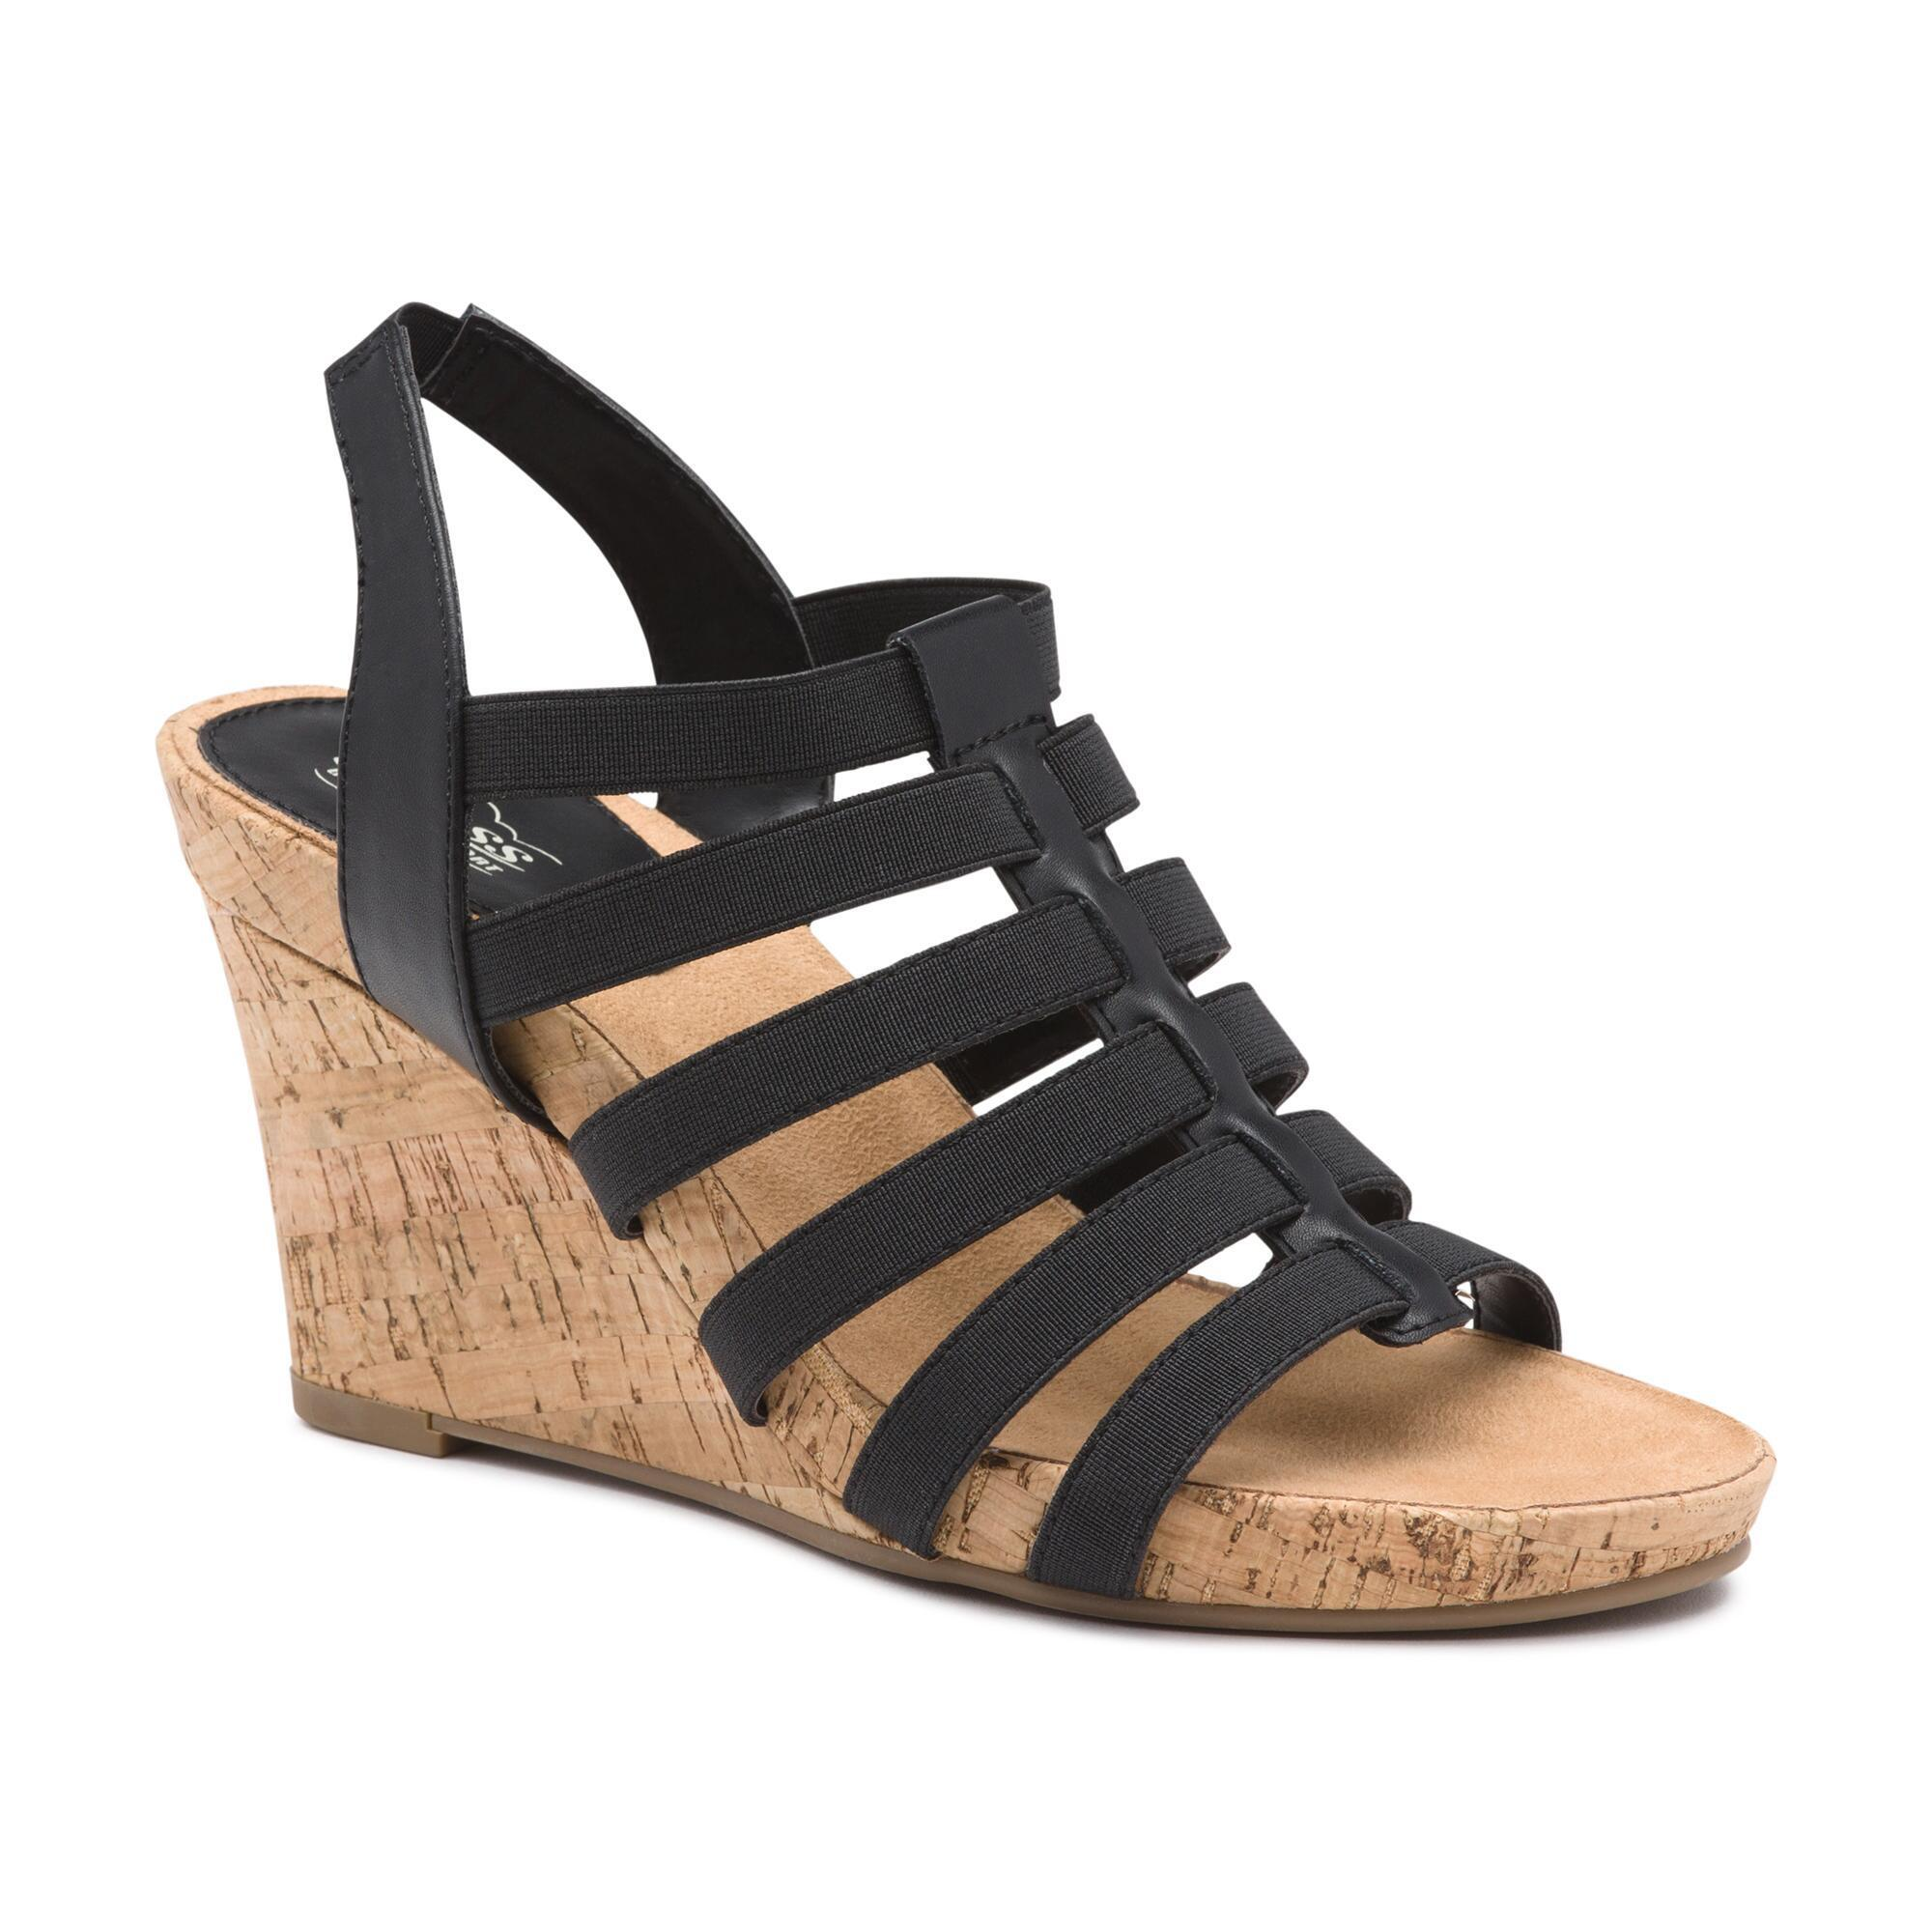 comforter wedge leather sandal previous platform silver comfort side sandals shop